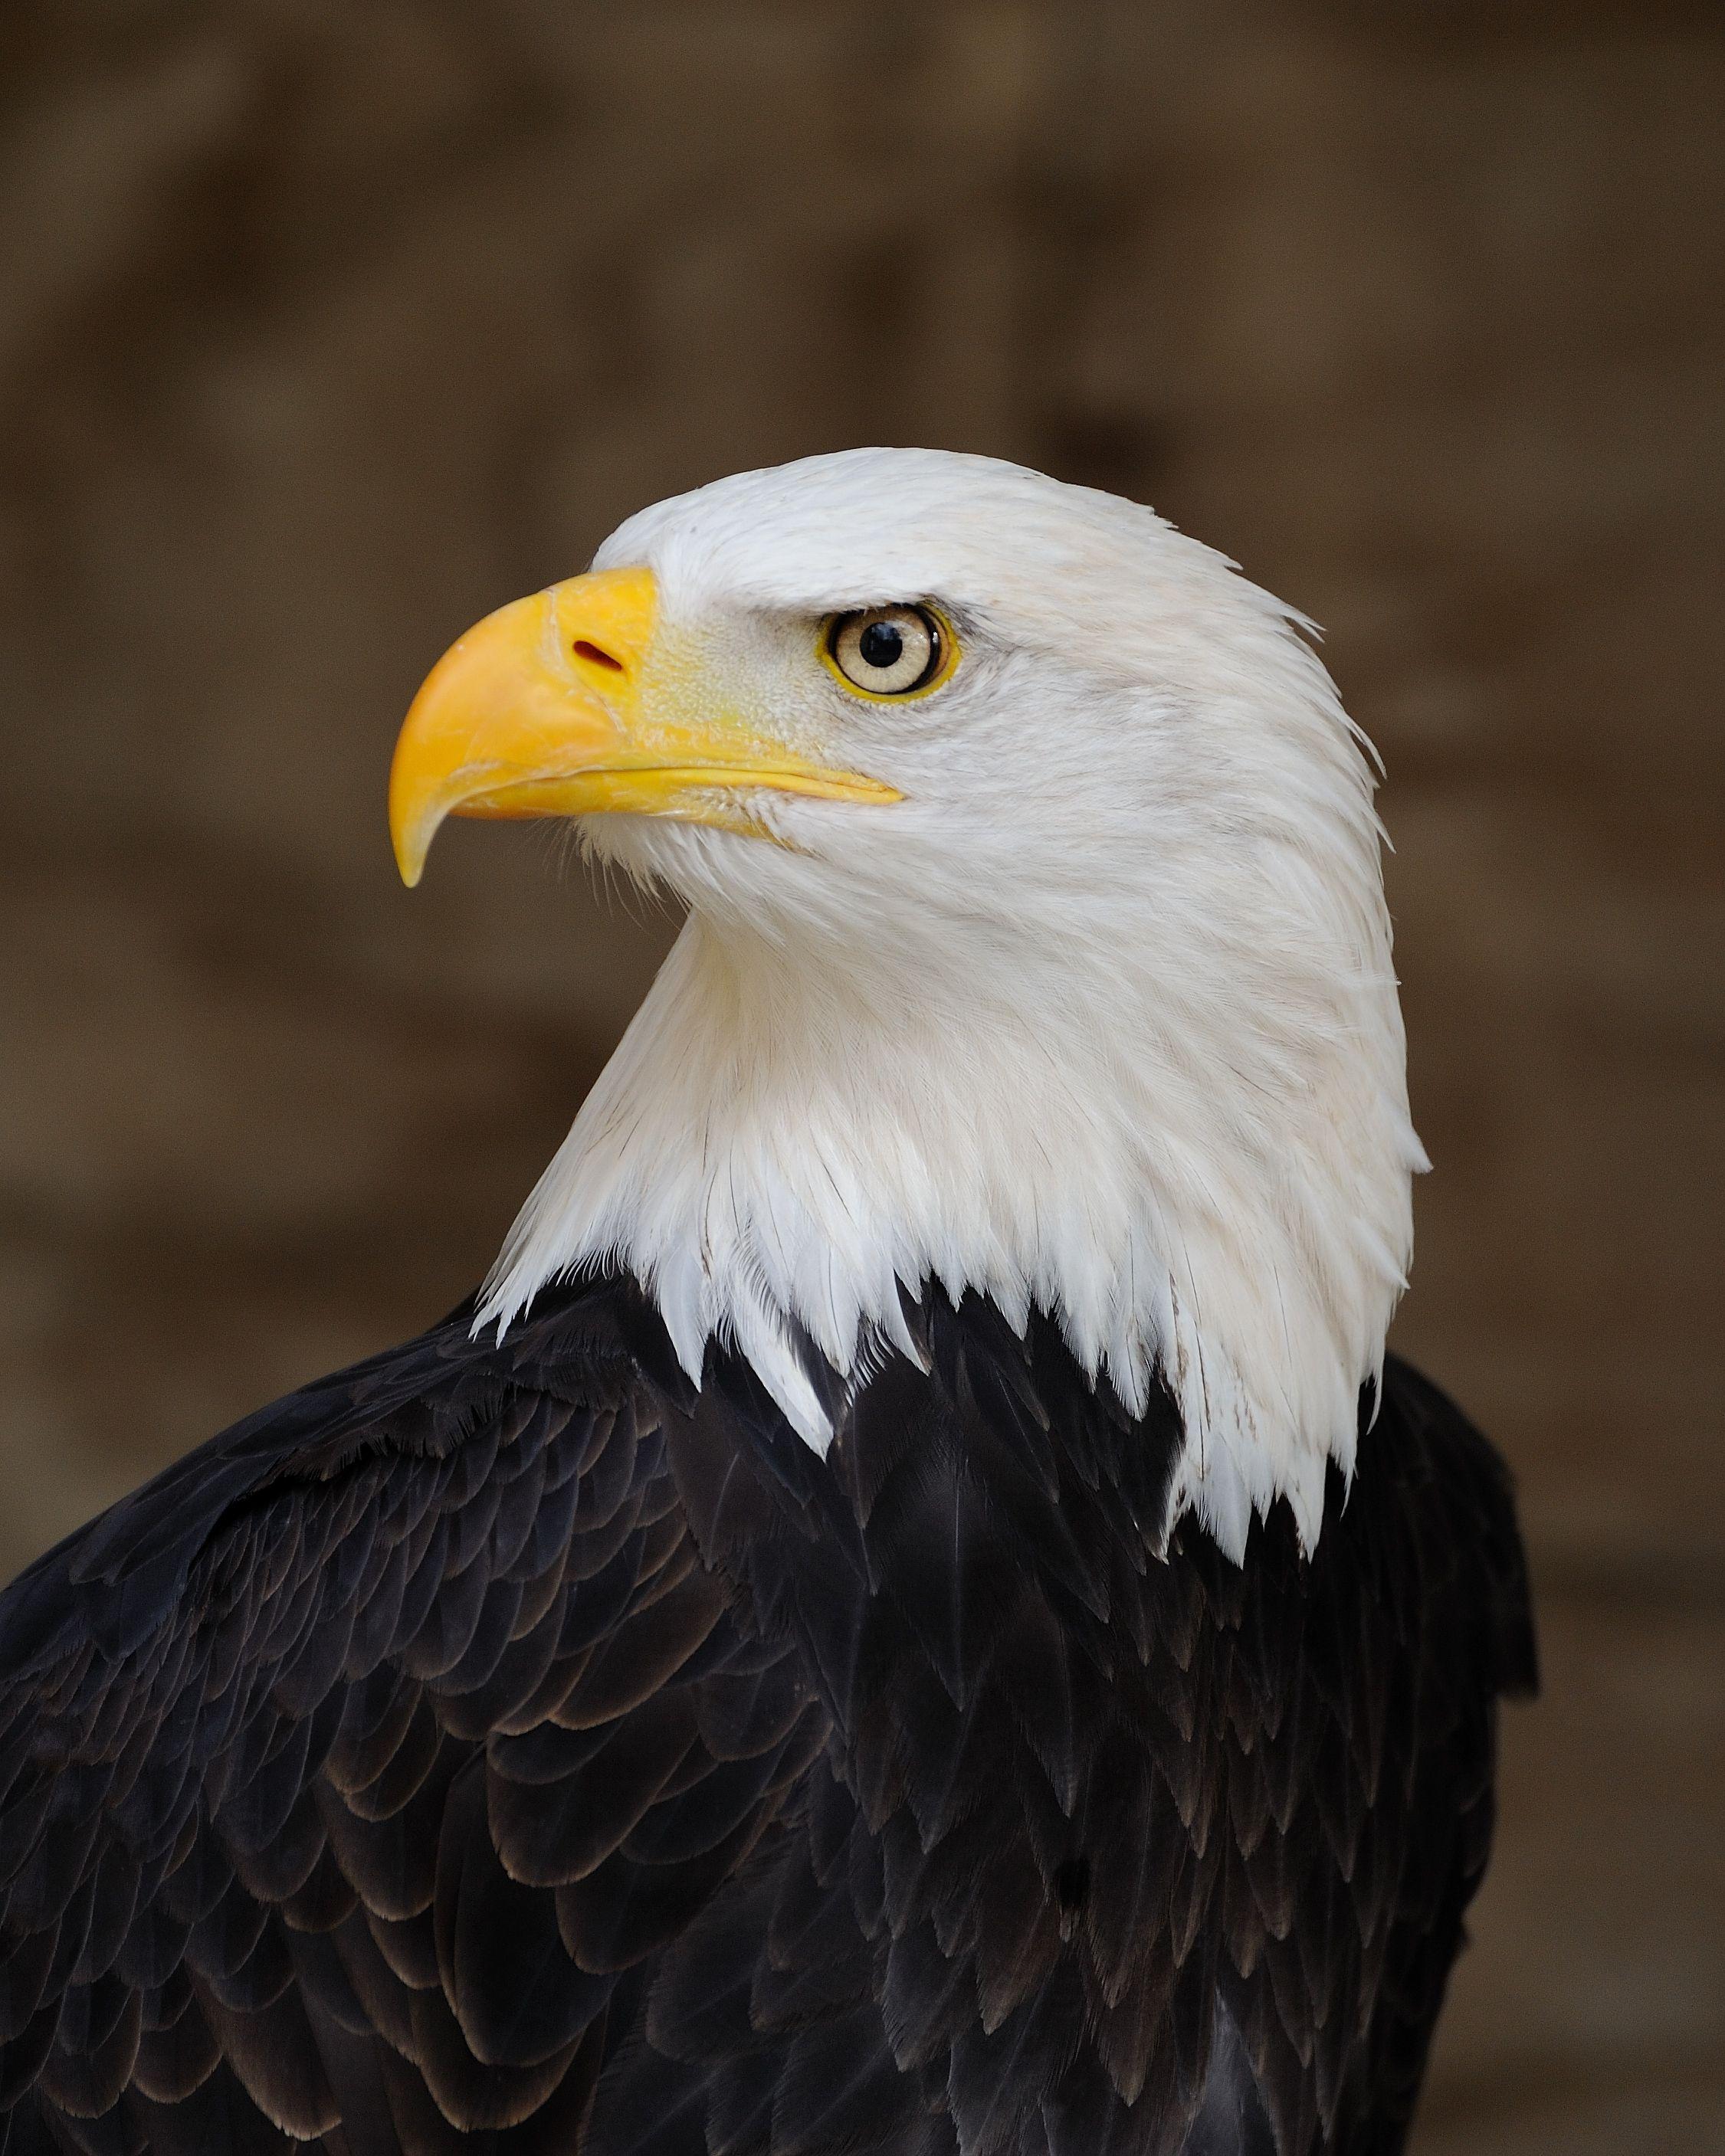 A bird with a white head, like an eagle Its a bald eagle